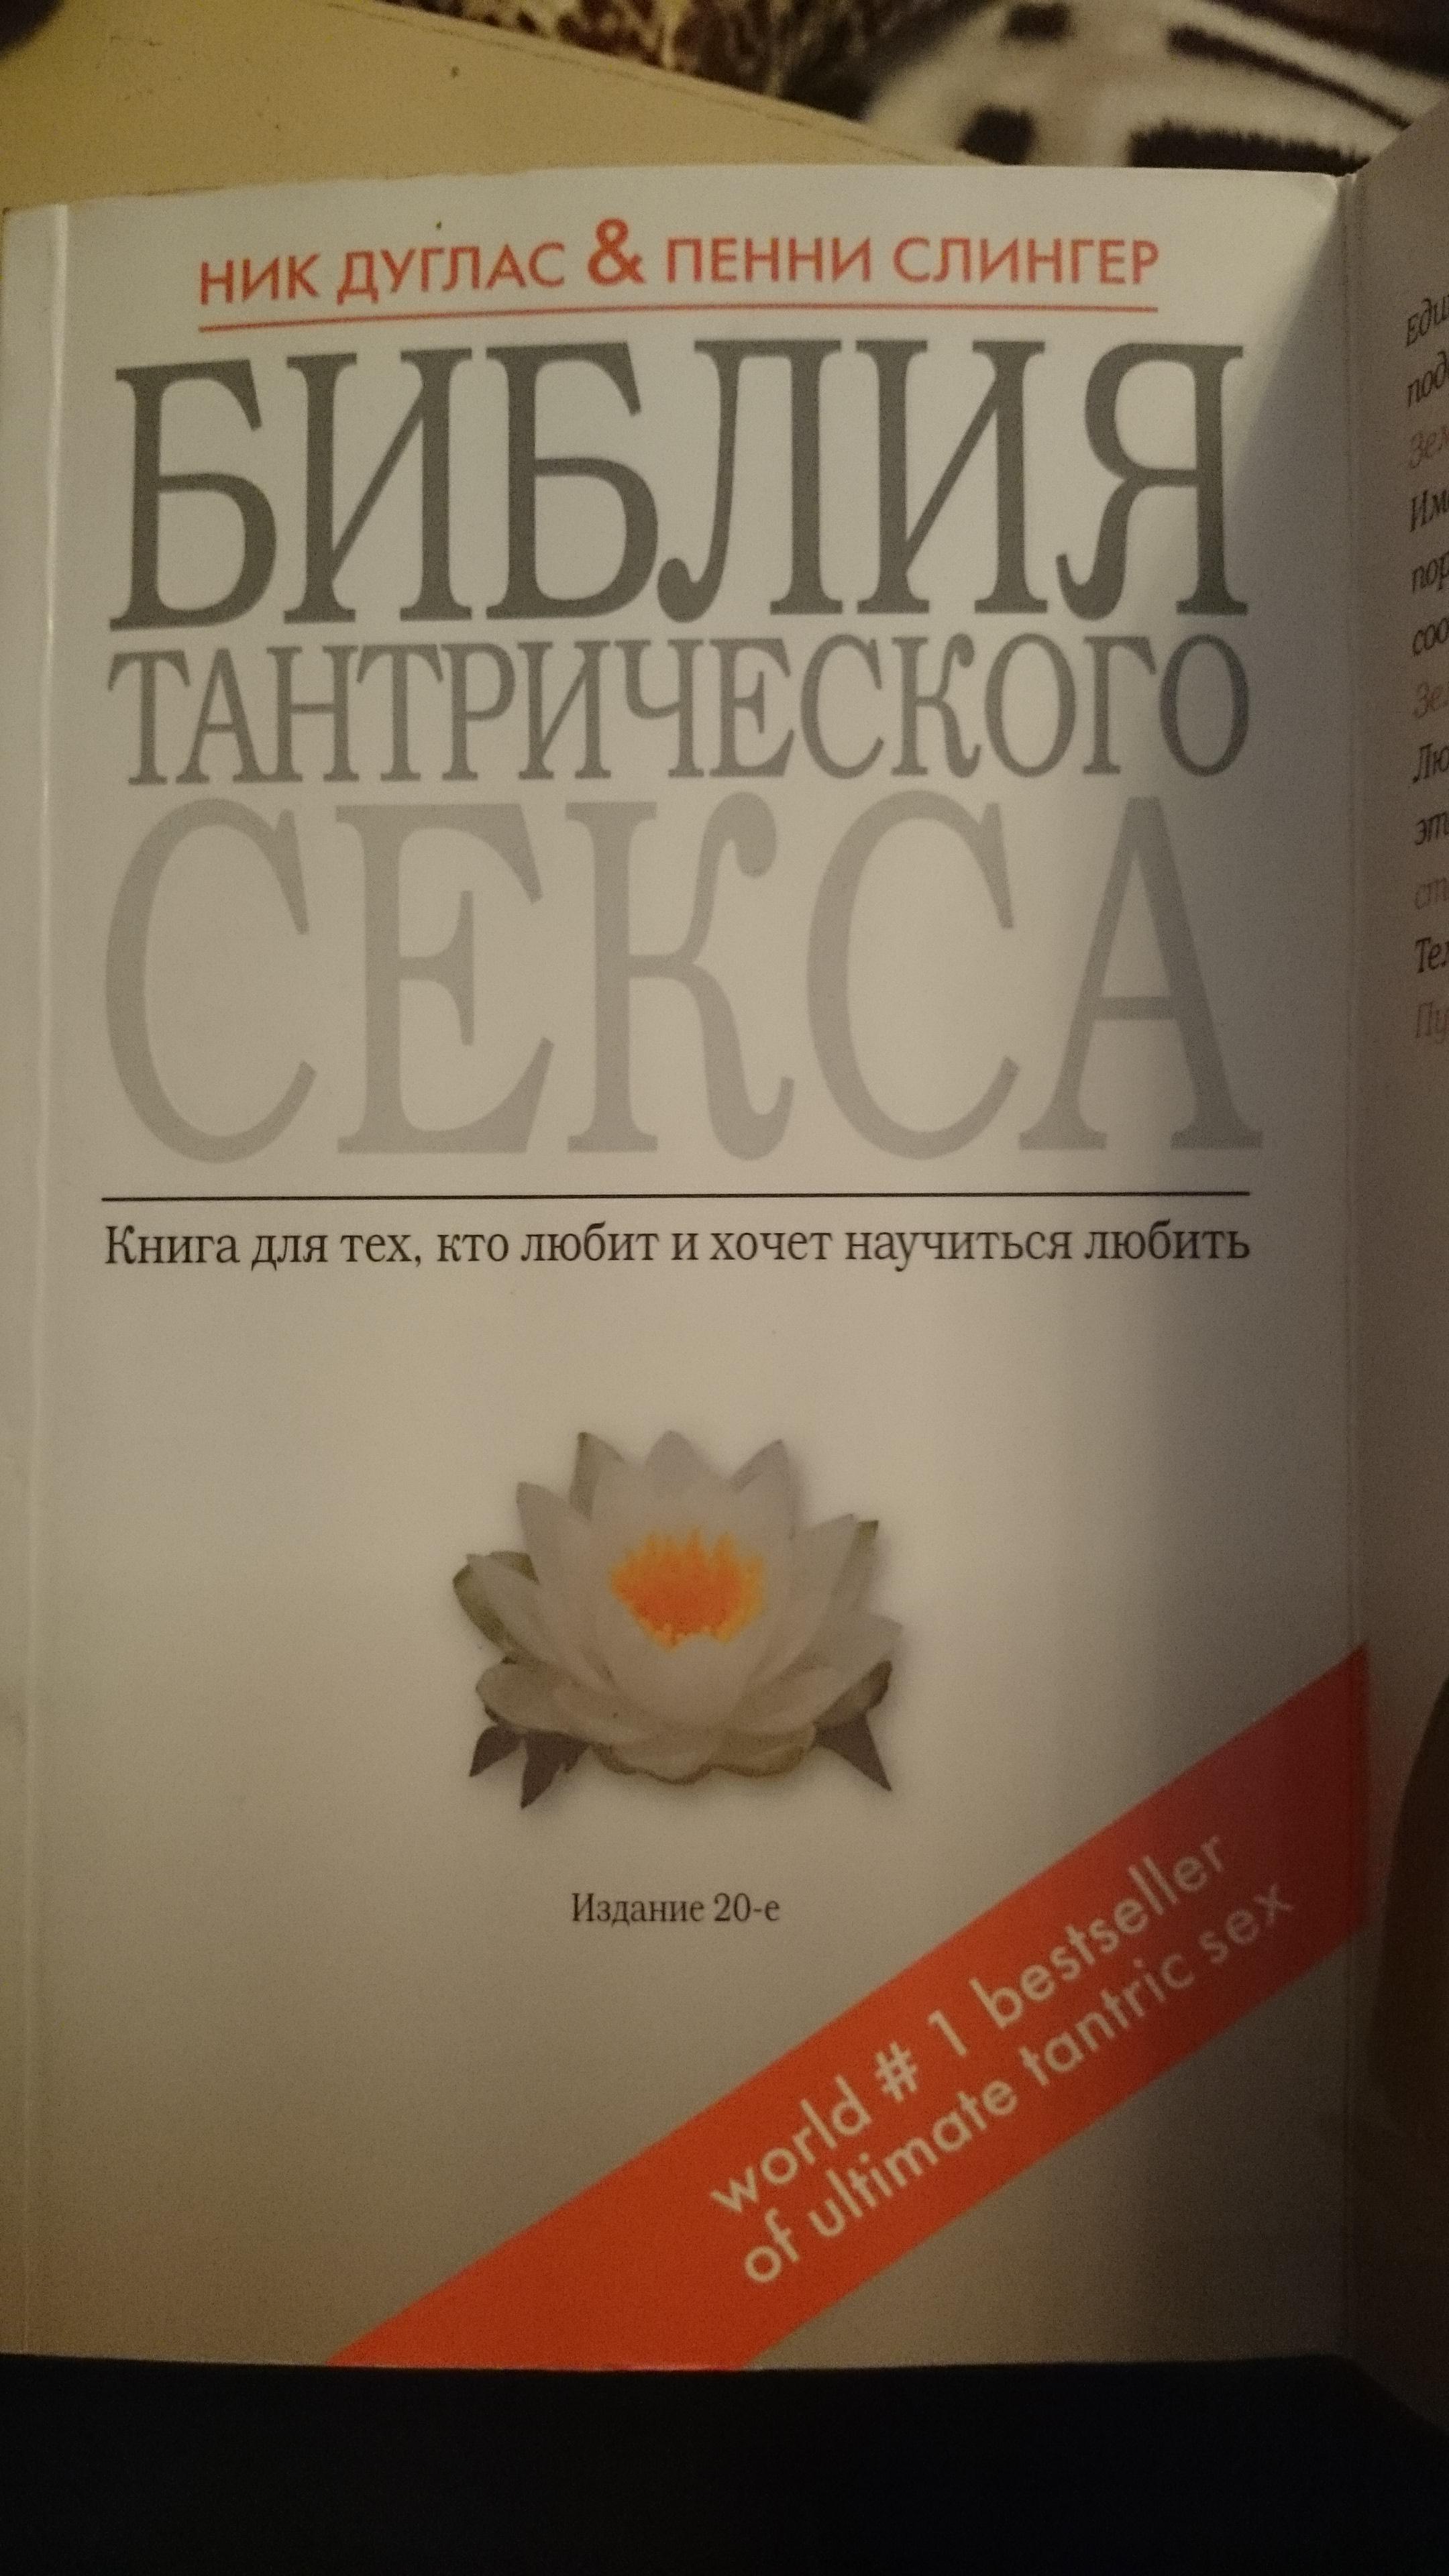 kniga-bibliya-tantricheskogo-seksa-porno-striptiz-pishek